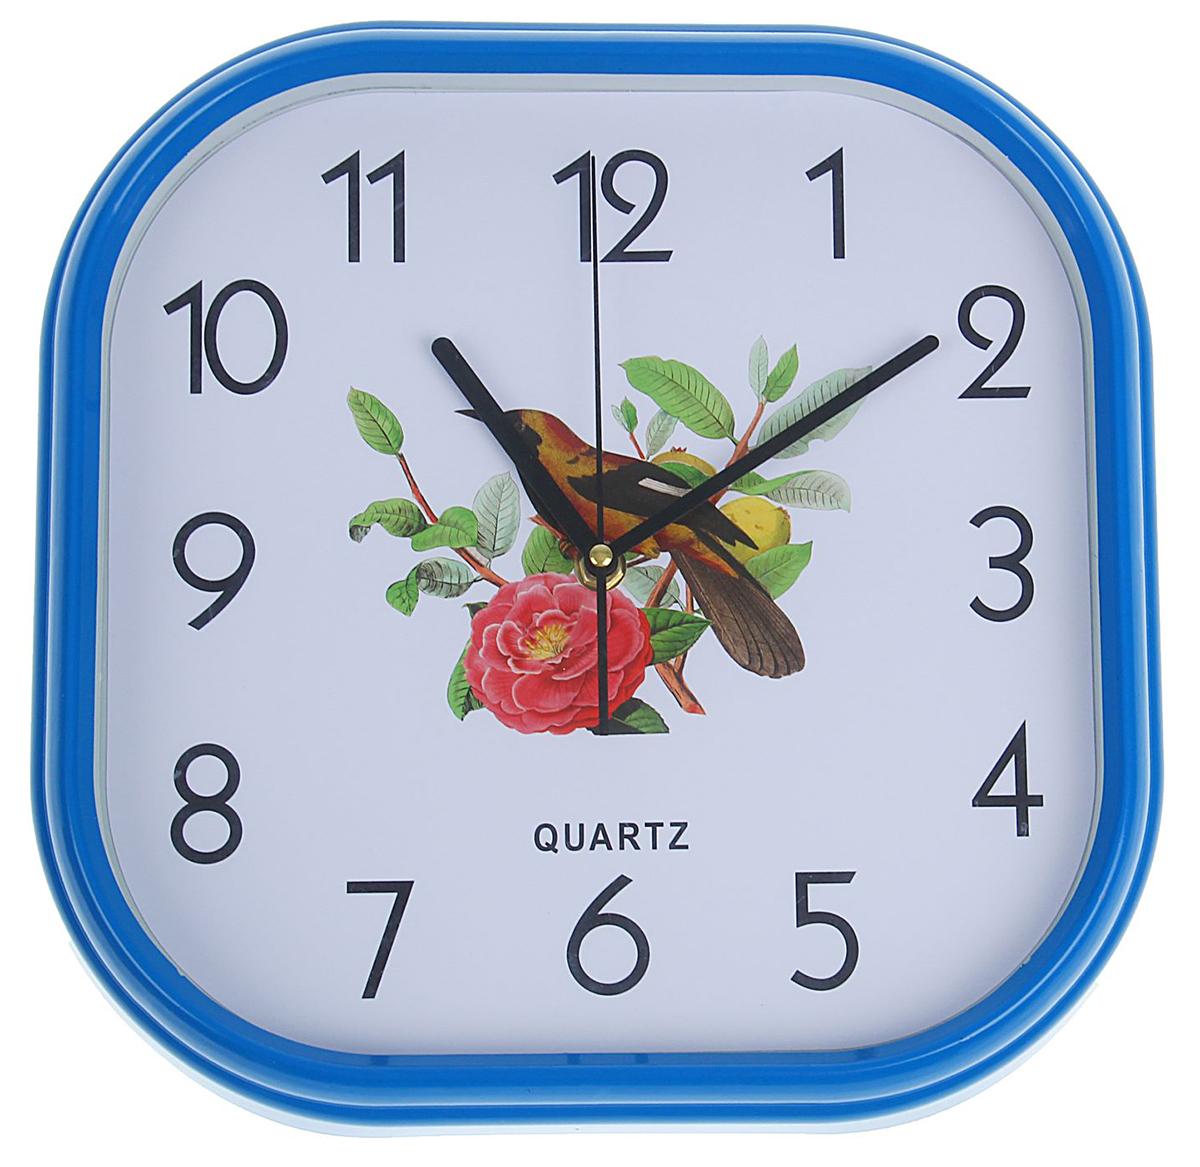 Часы настенные Роза и птица, 30 х 30 см хочу продать свою квартиру которая менее 3х лет и другую какие налоги надо заплатить